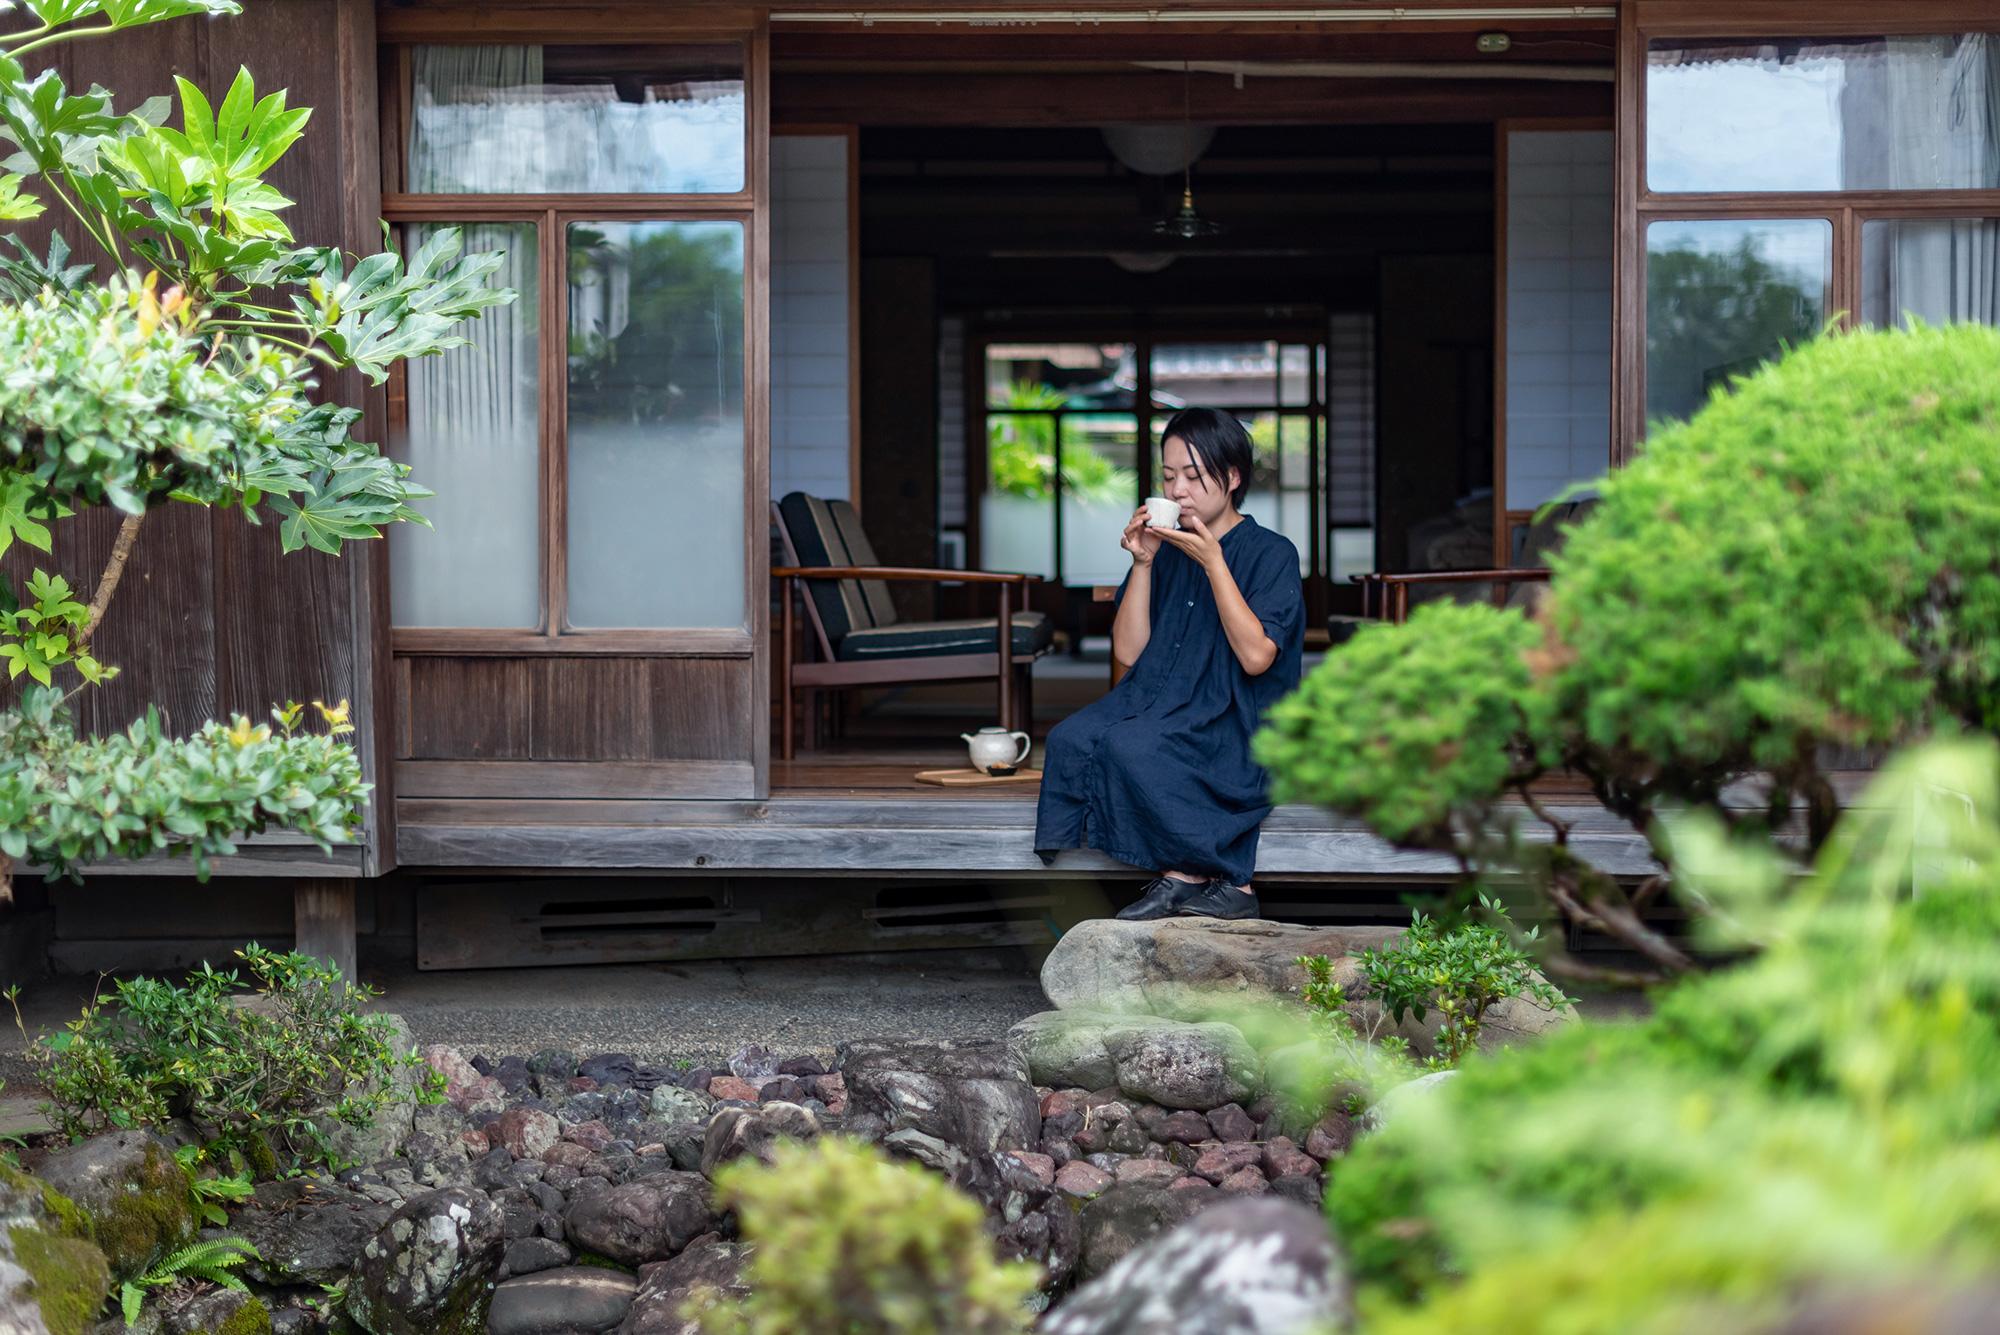 写真:縁側に腰掛けてお茶を飲む女性を庭から見た所。